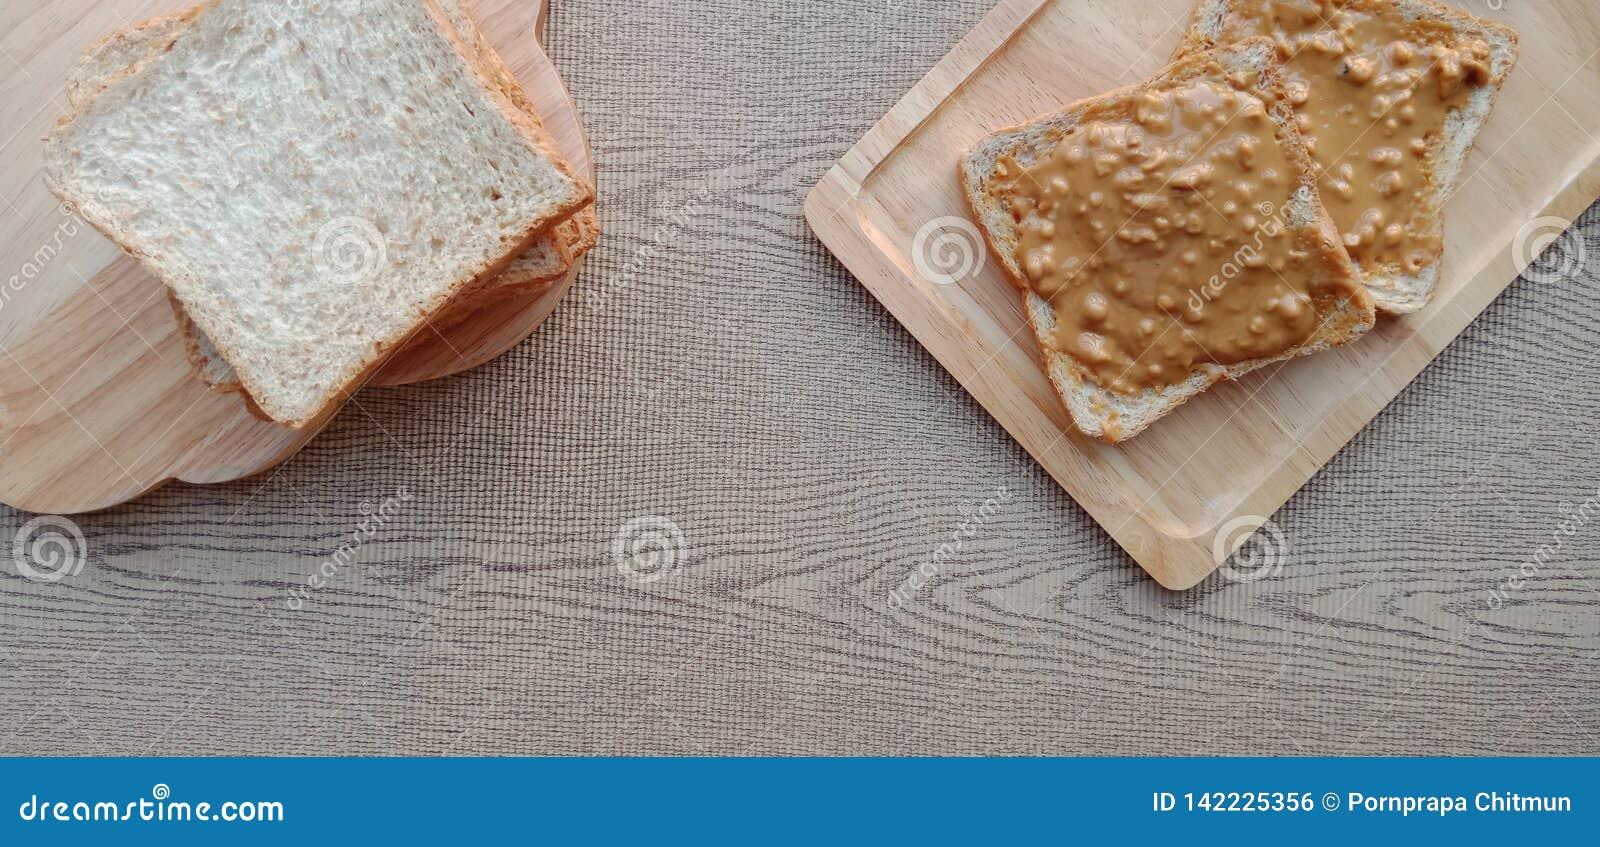 Stapel van geheel tarwebrood en wat pindakaas op bovenkant